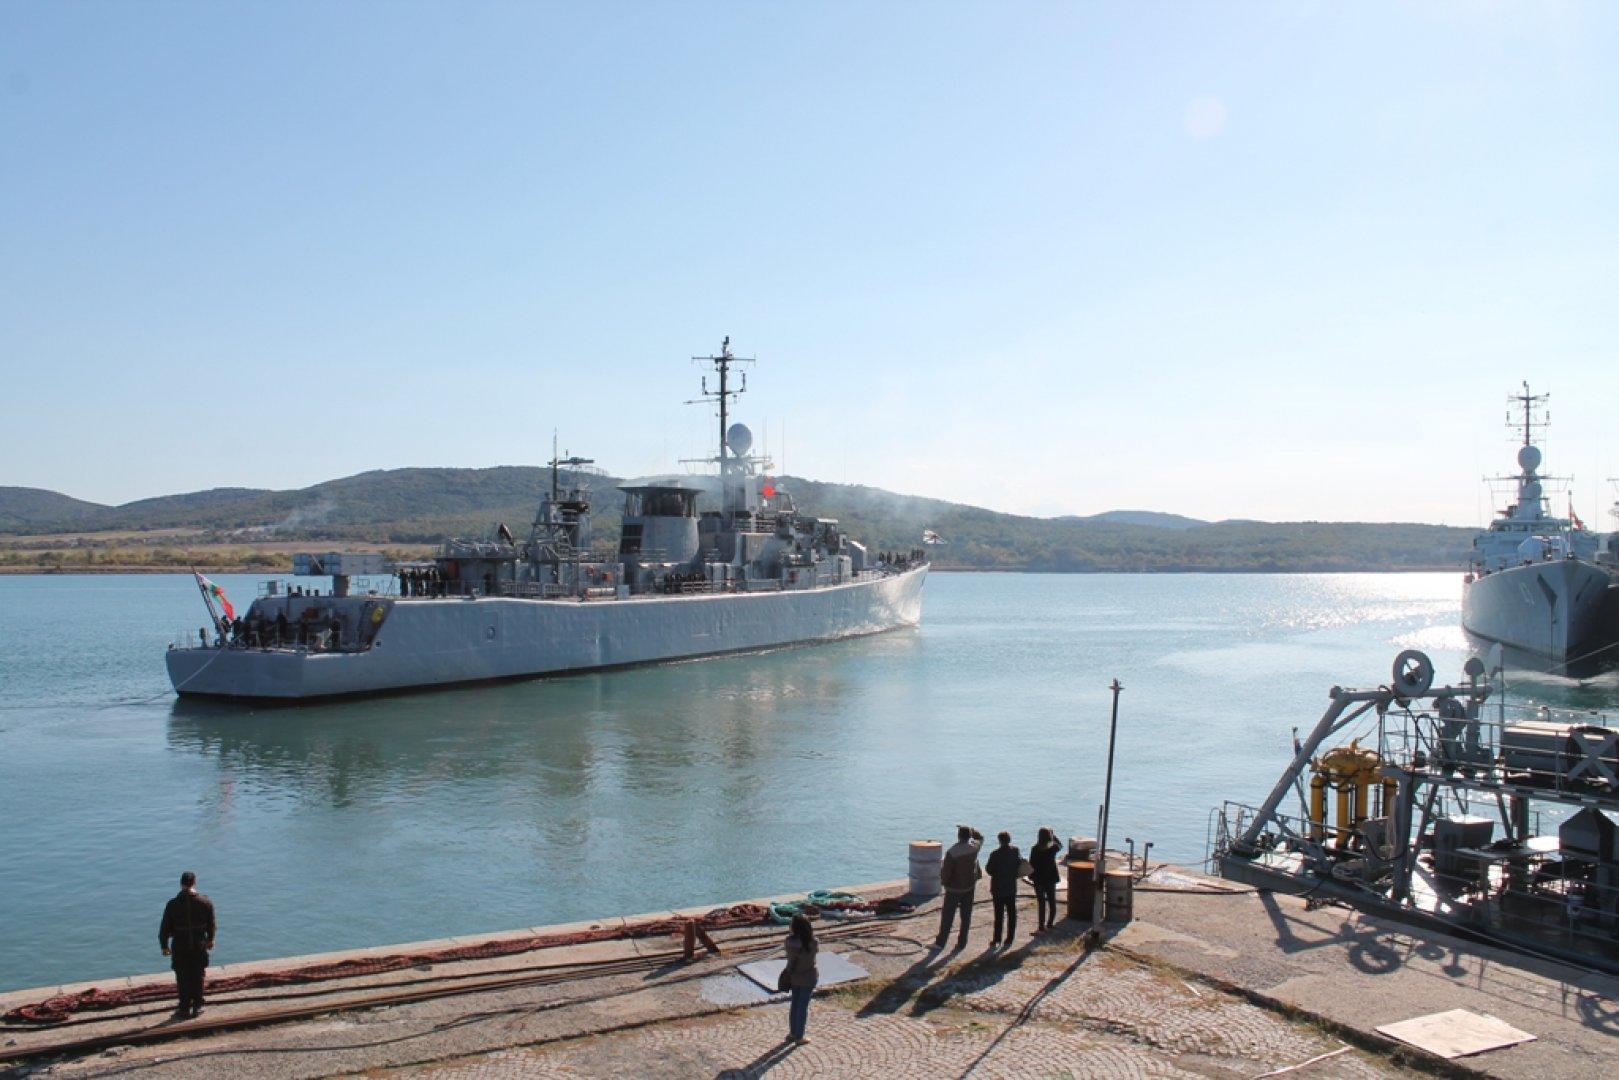 Екипажът на фрегатата бе изпратен от близки и колеги. Снимки ВМС